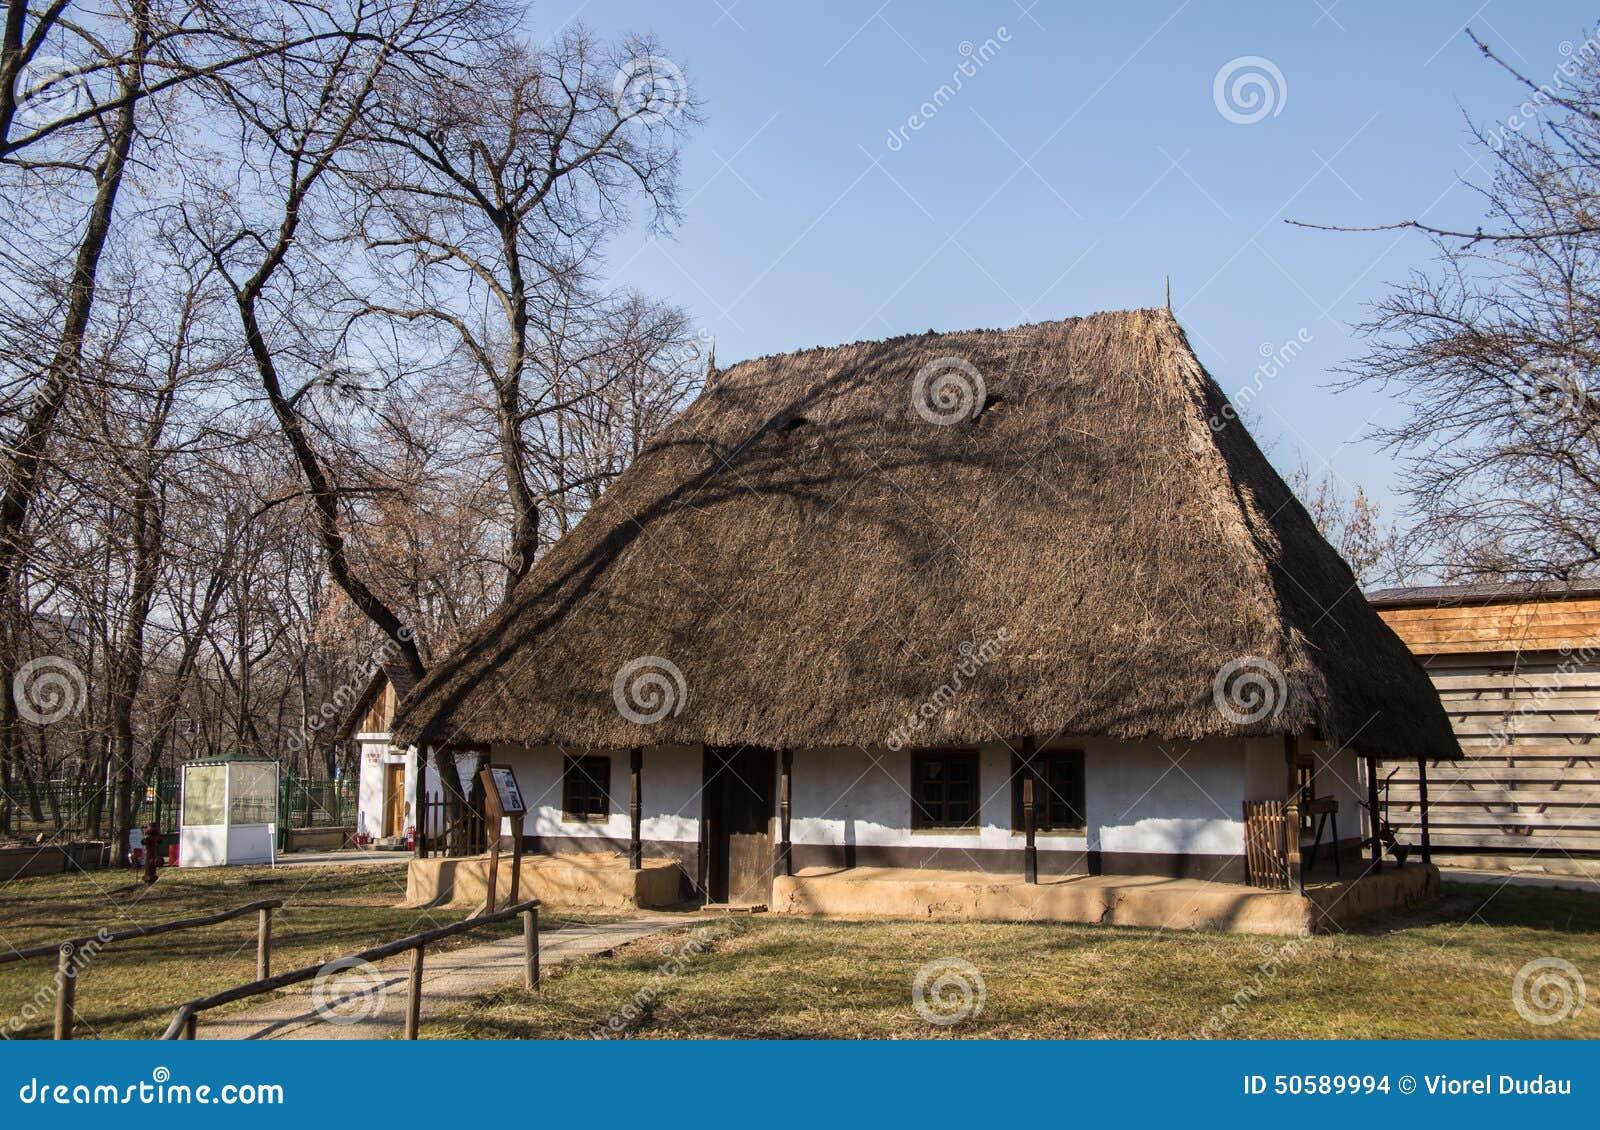 Village museum muzeul satului bucharest editorial stock image image 50589994 - Romanian peasant houses ...